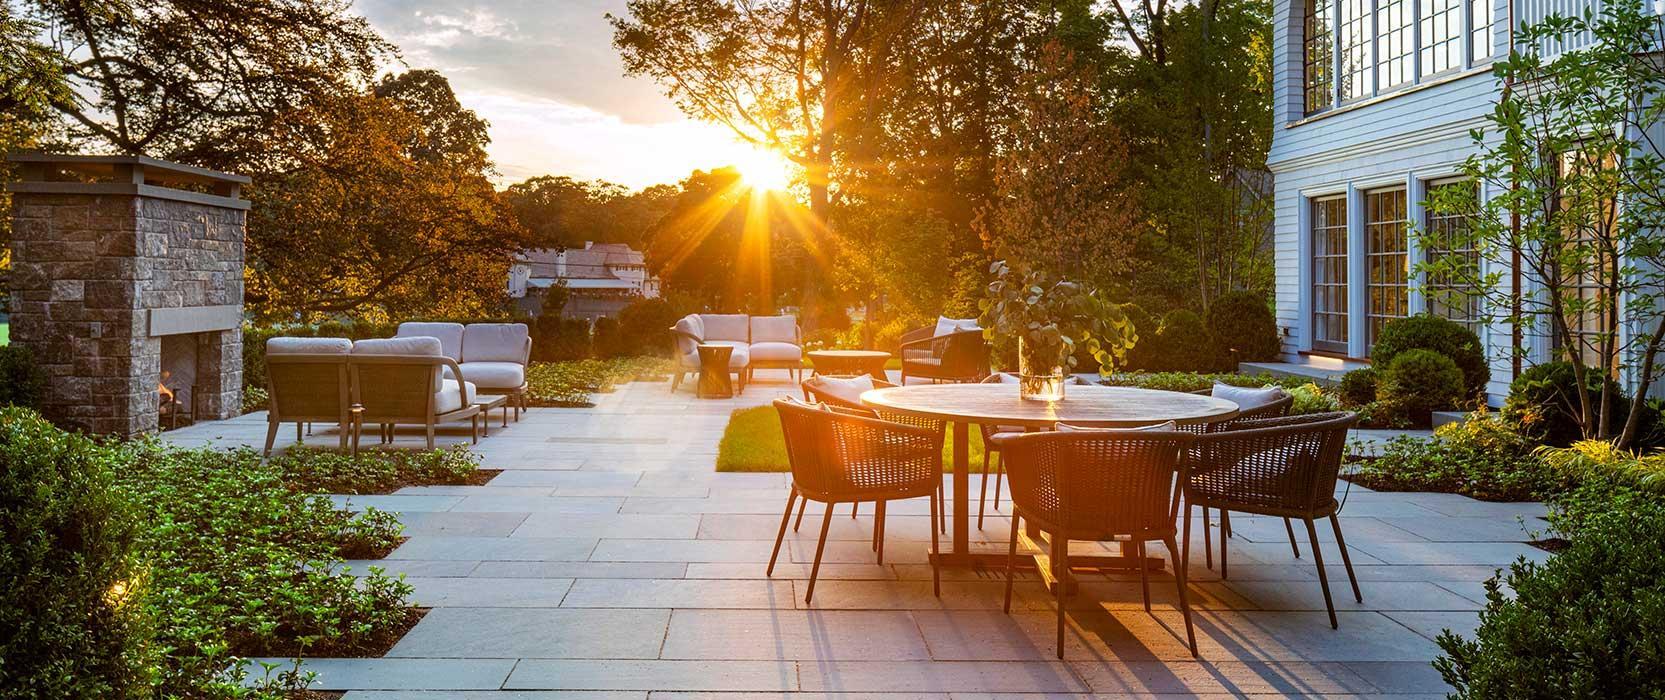 sunset on back patio